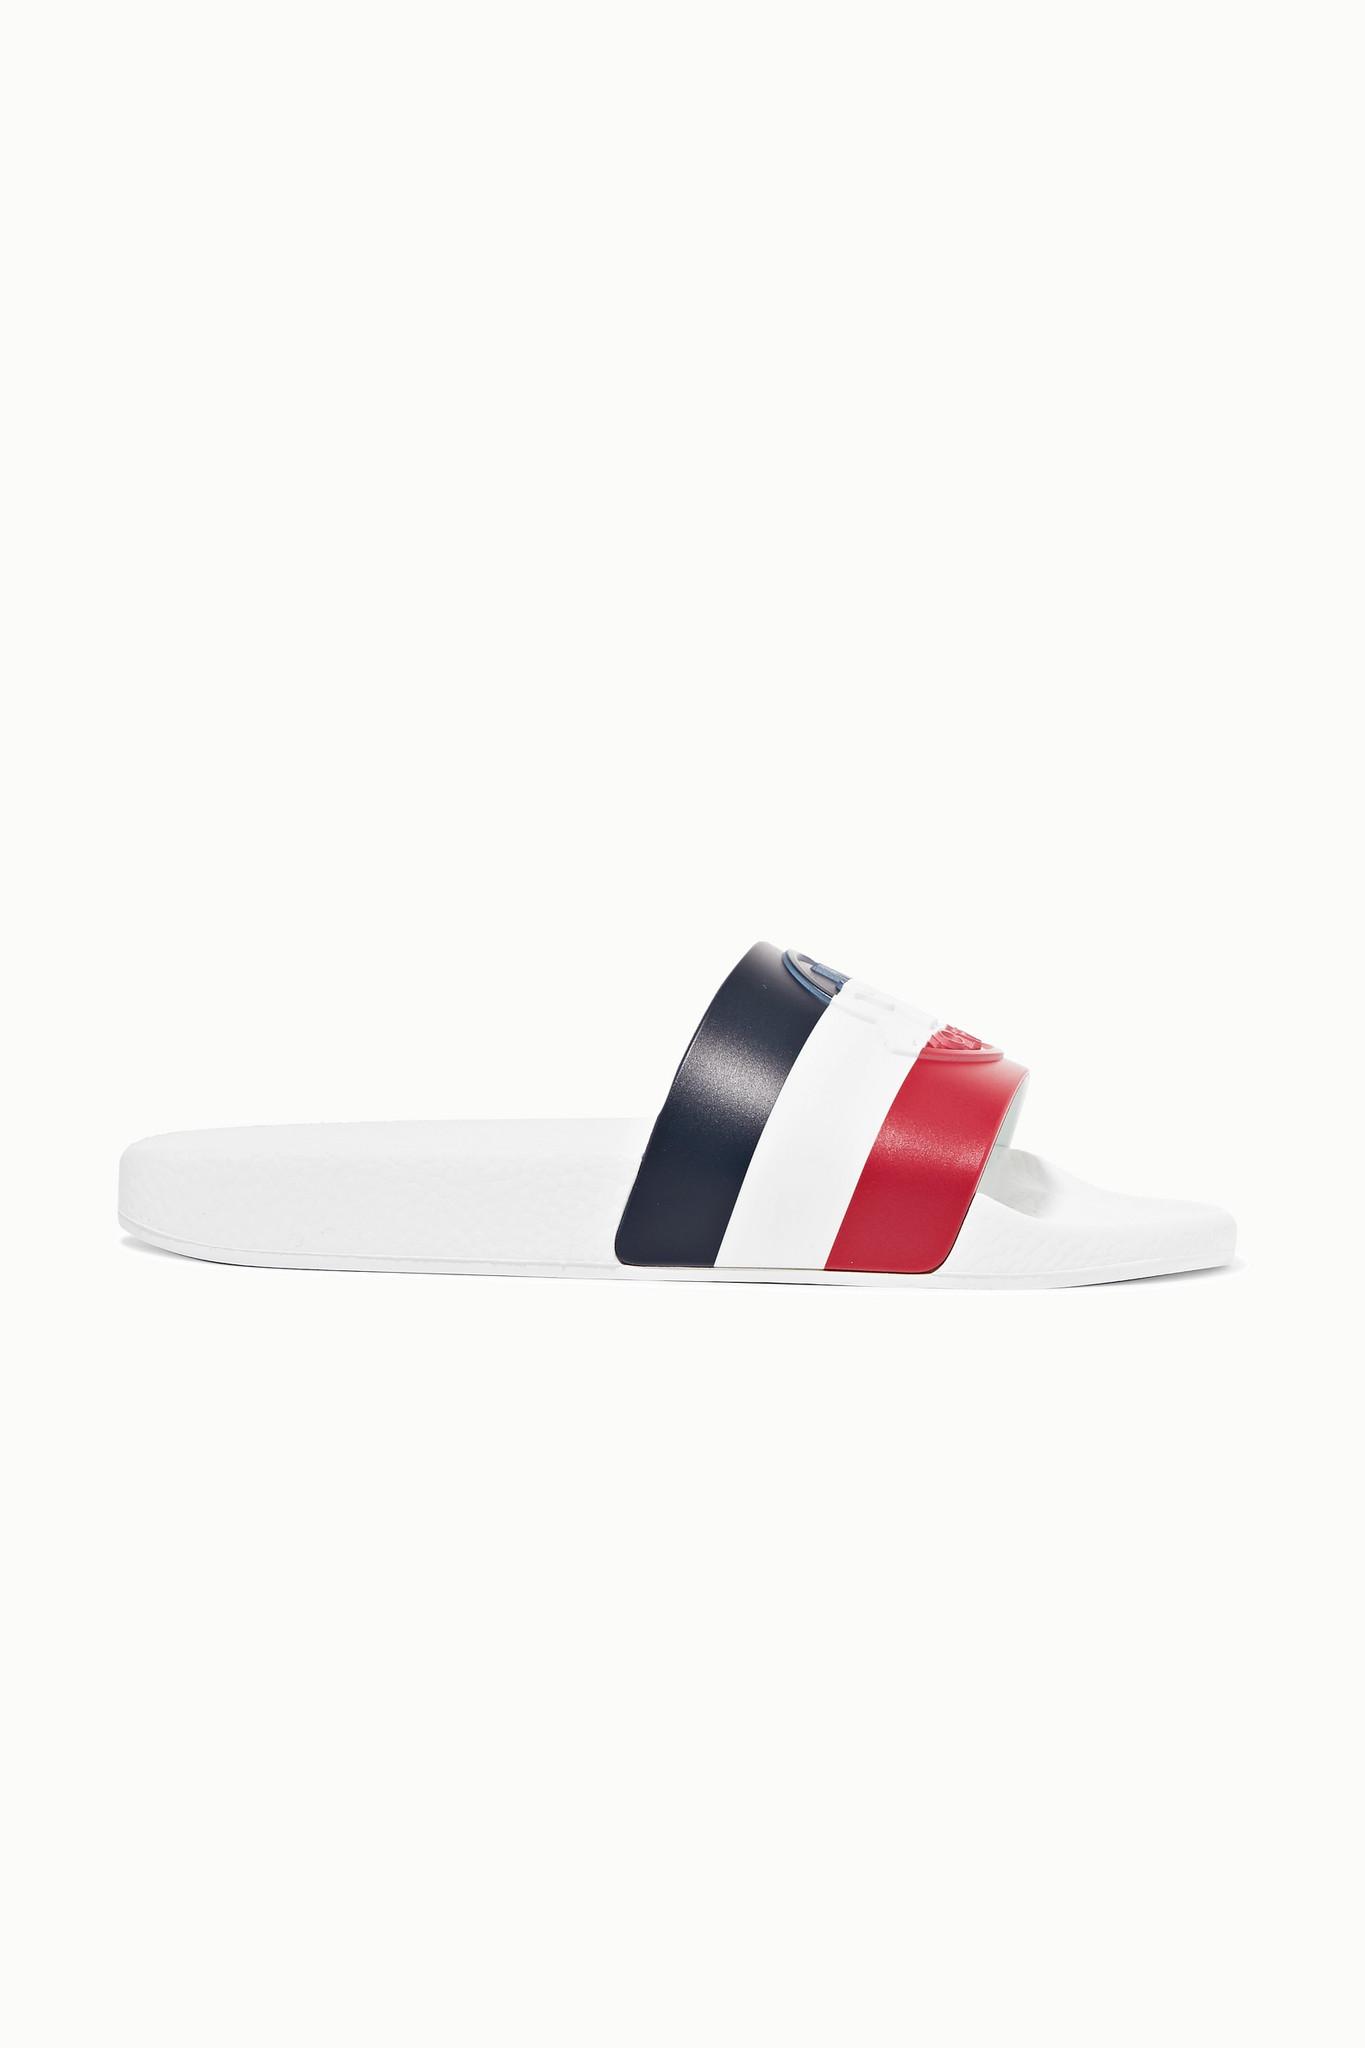 MONCLER - 条纹橡胶拖鞋 - 白色 - IT36